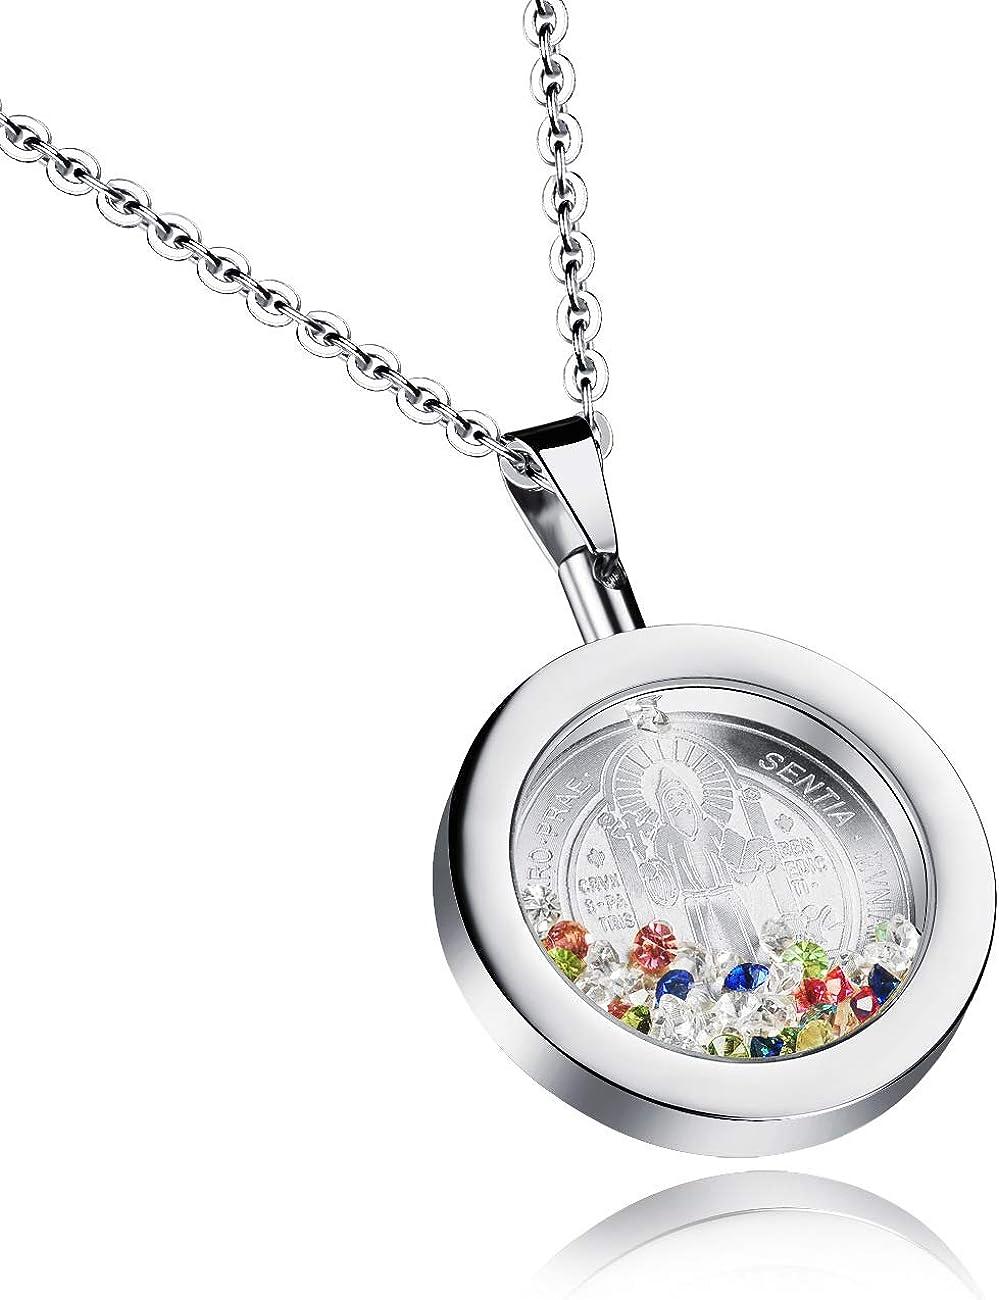 BJINUIY Joyería Religiosa, decoración de Botellas de Diamantes de Colores, Colgante de Cristal Corto, Color Acero